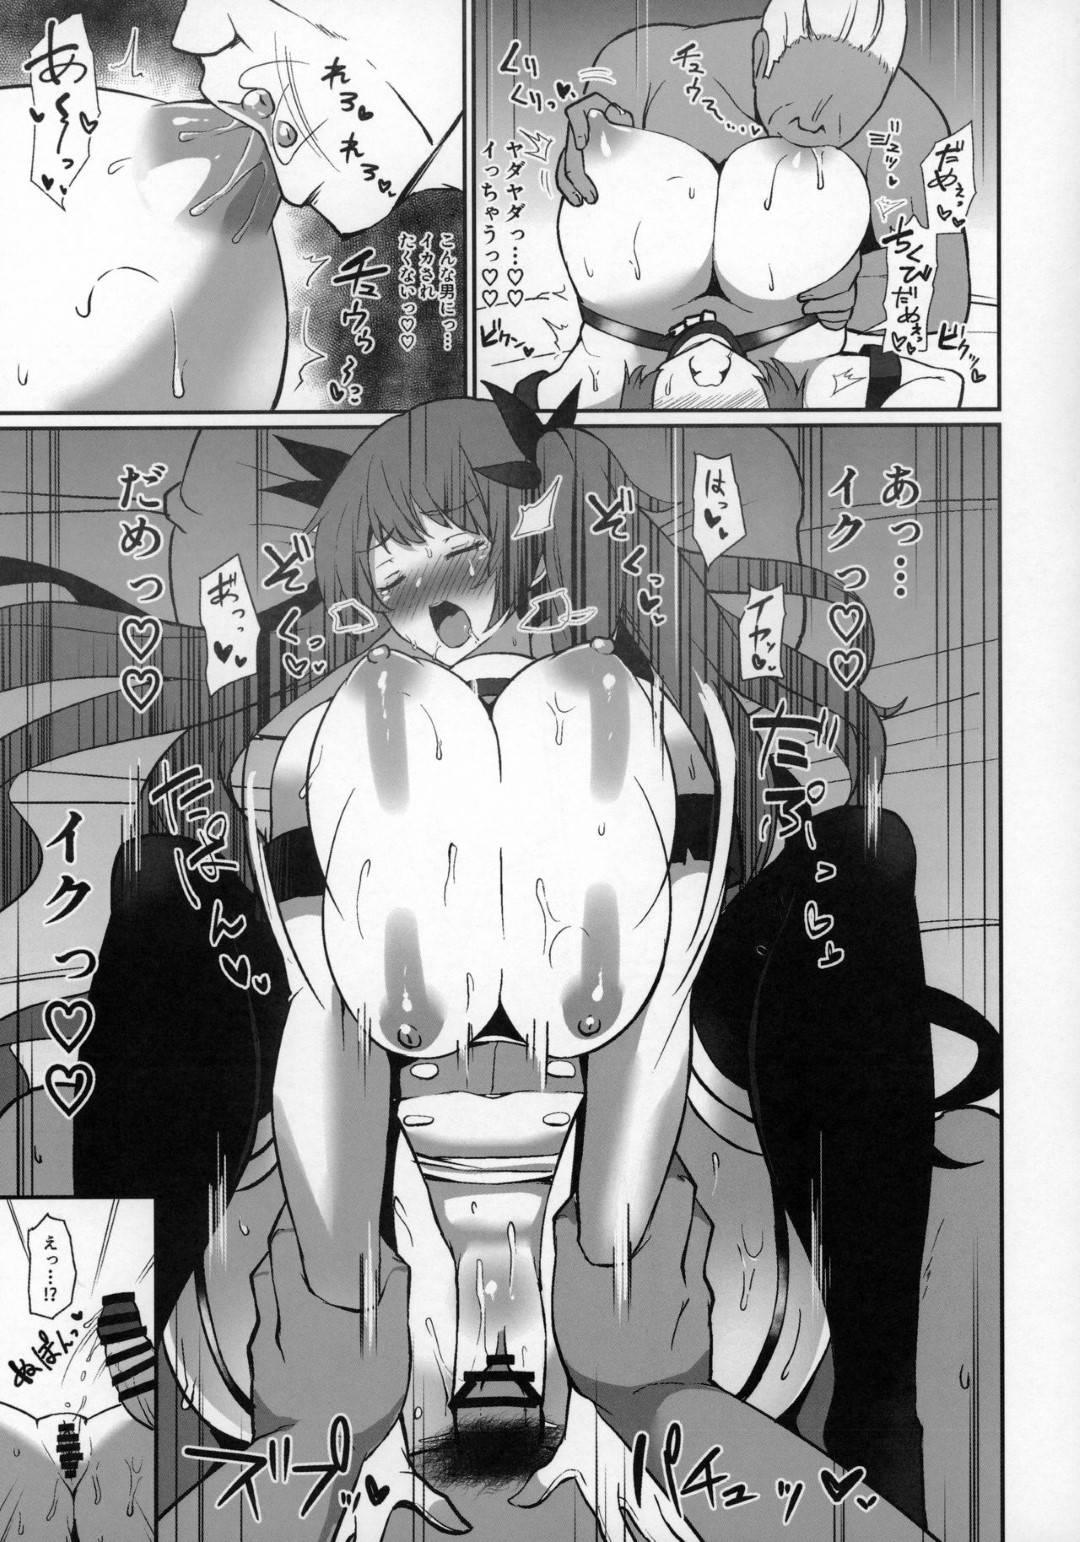 【アズレンエロ漫画】新しく秘書艦として着任したホノルル。しかし着任先の指揮官は変態オヤジのようで執着に身体を触られたり、セクハラを受けてしまう。上官に逆らうことのできない彼女は次第にパイズリやフェラまでも要求されるようになる!【しのり屋】